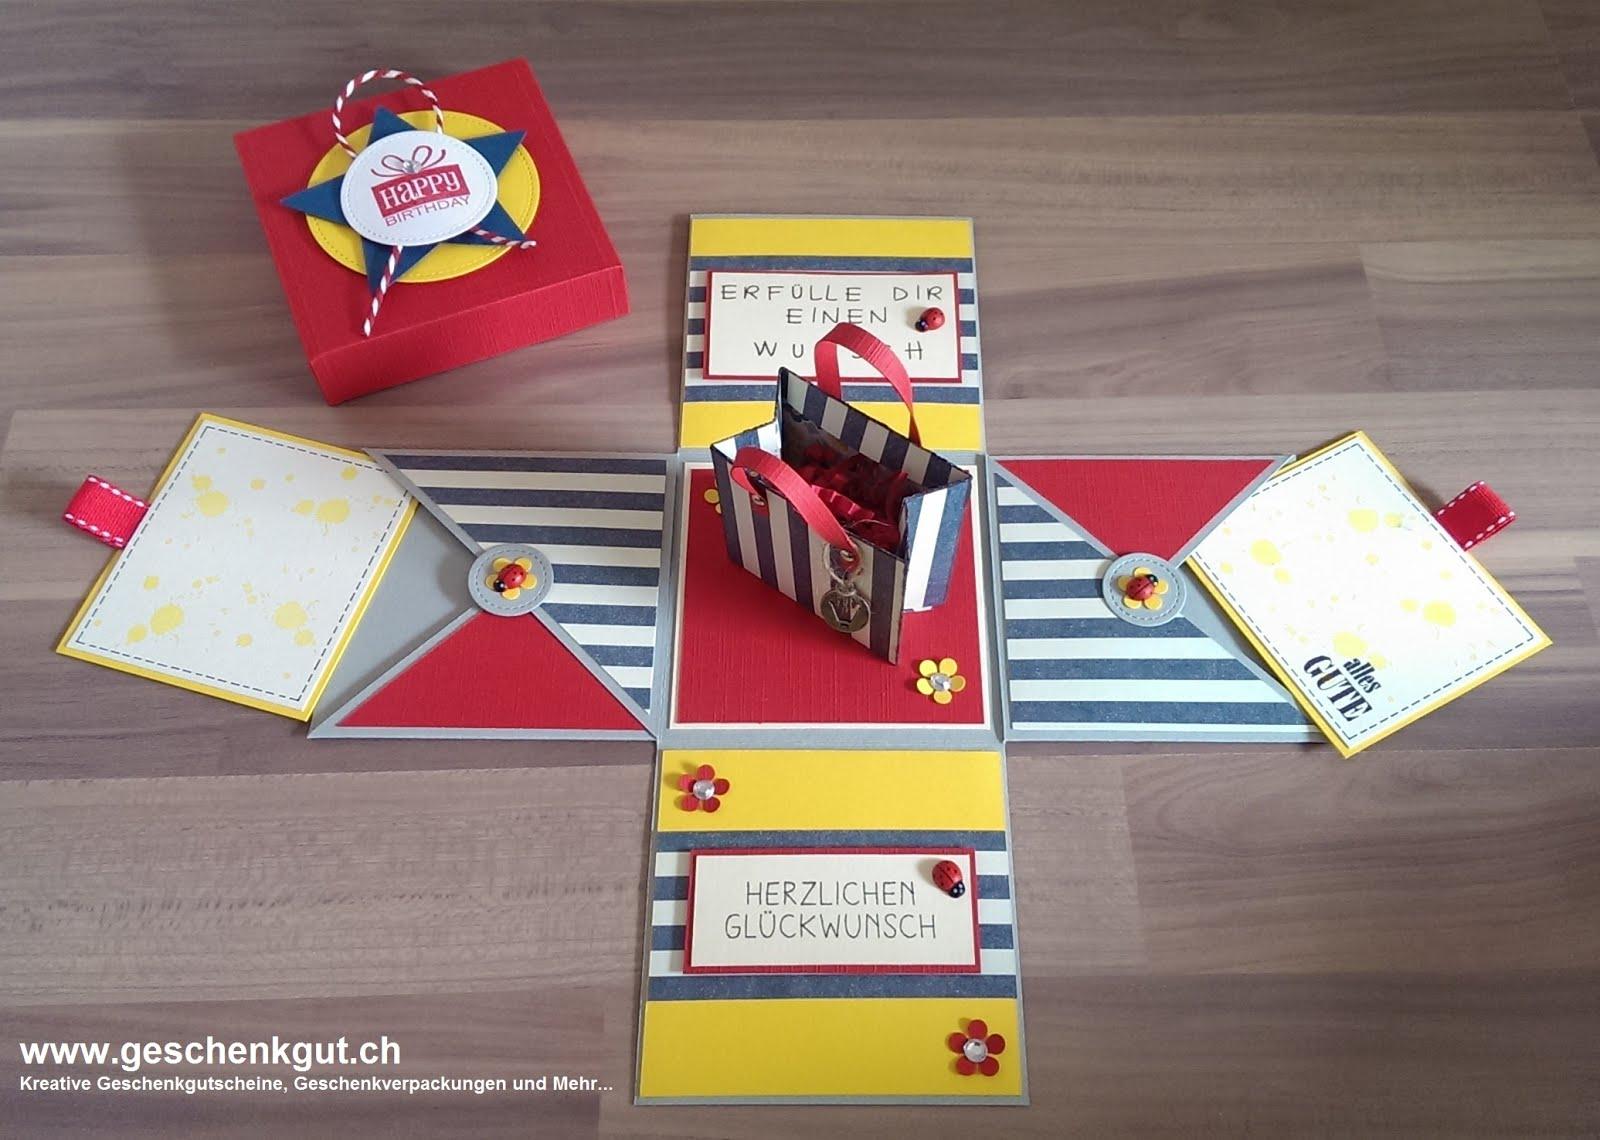 Geschenkgut shop geschenkverpackungen - Geschenk zum 60 mutter ...